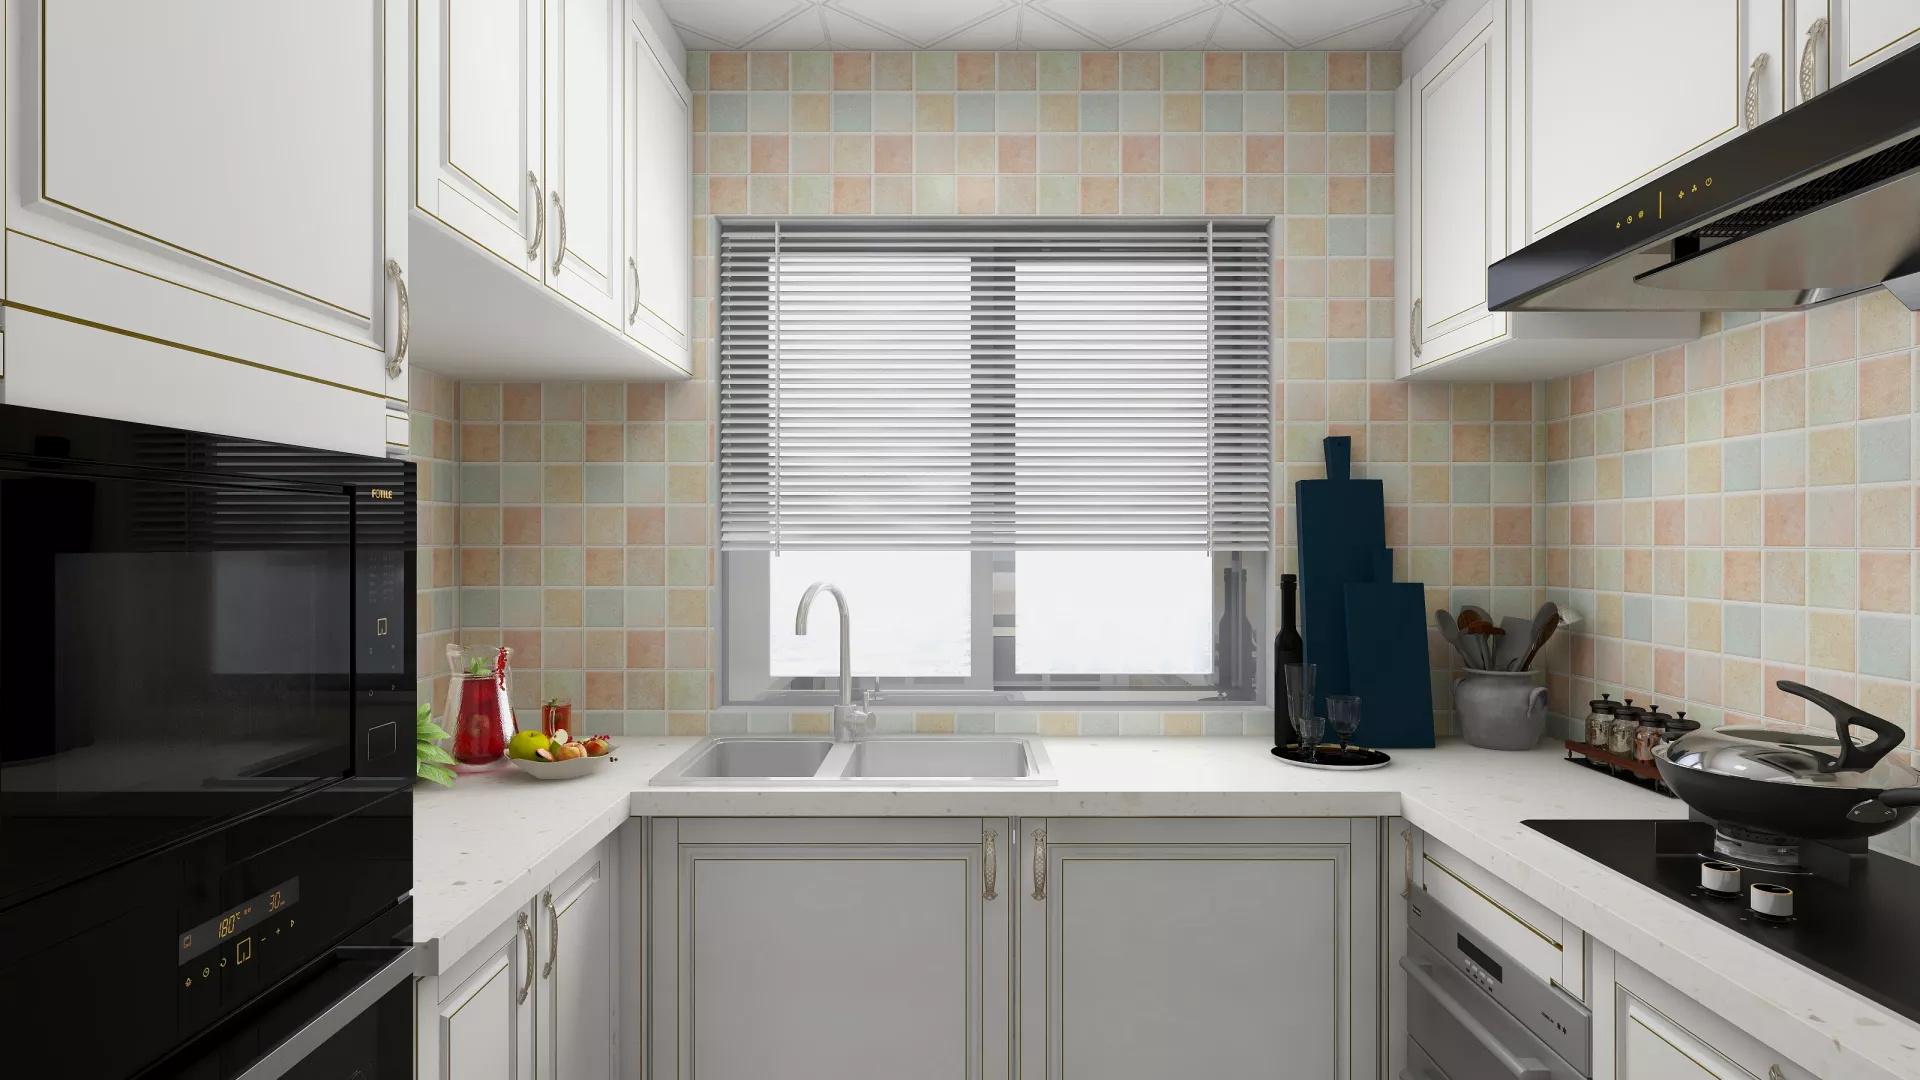 室內飄窗要安裝護欄嗎 安裝護欄有什么注意事項